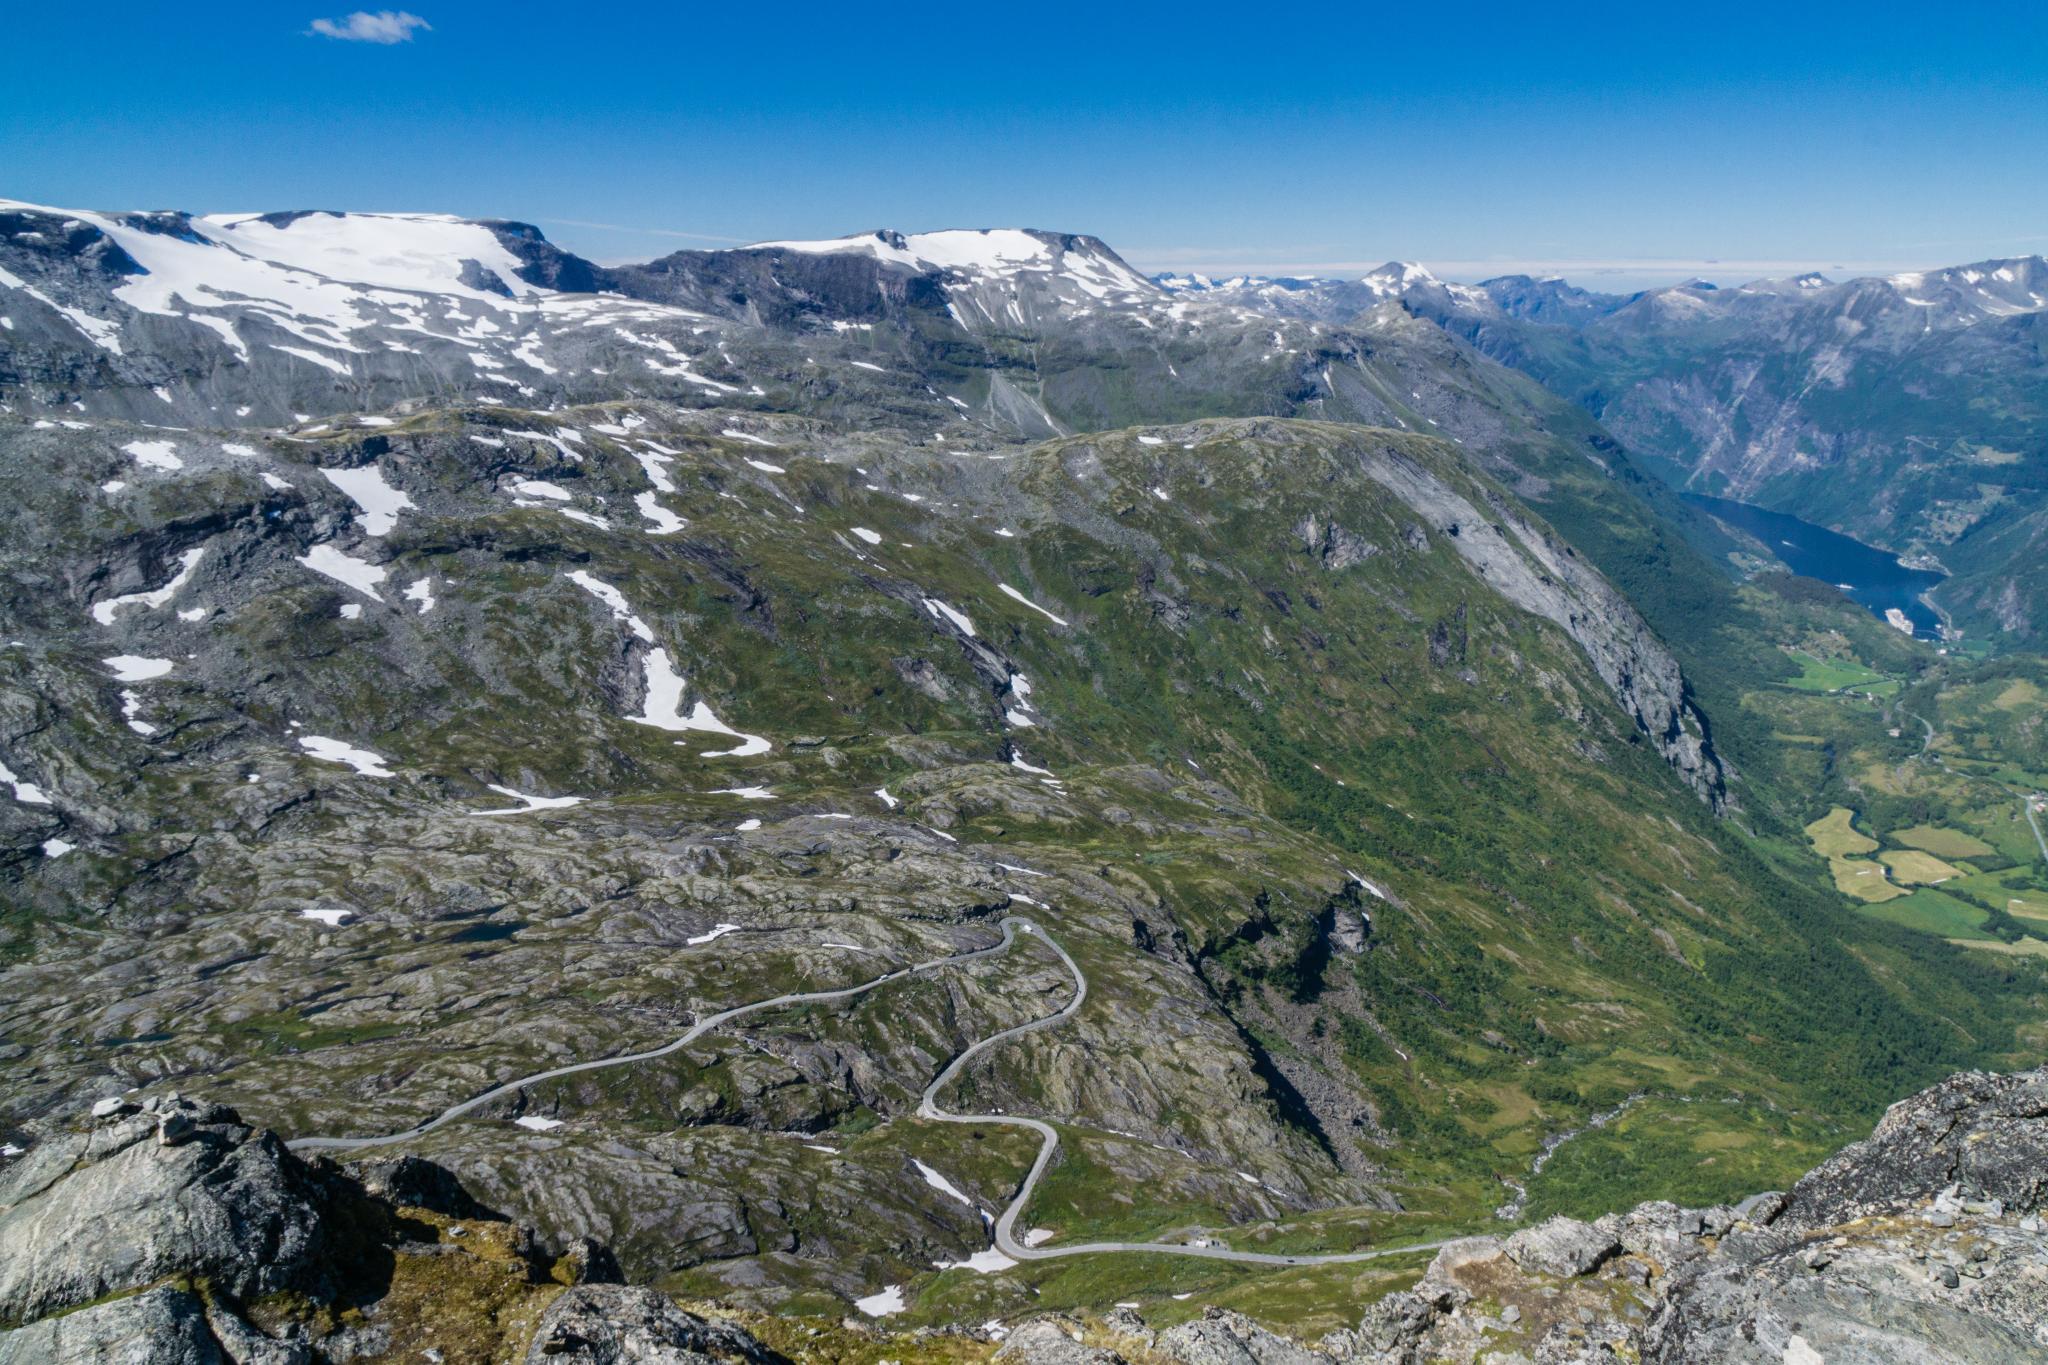 【北歐景點】歐洲最震撼的峽灣觀景台 — Dalsnibba Mountain Plateau 18